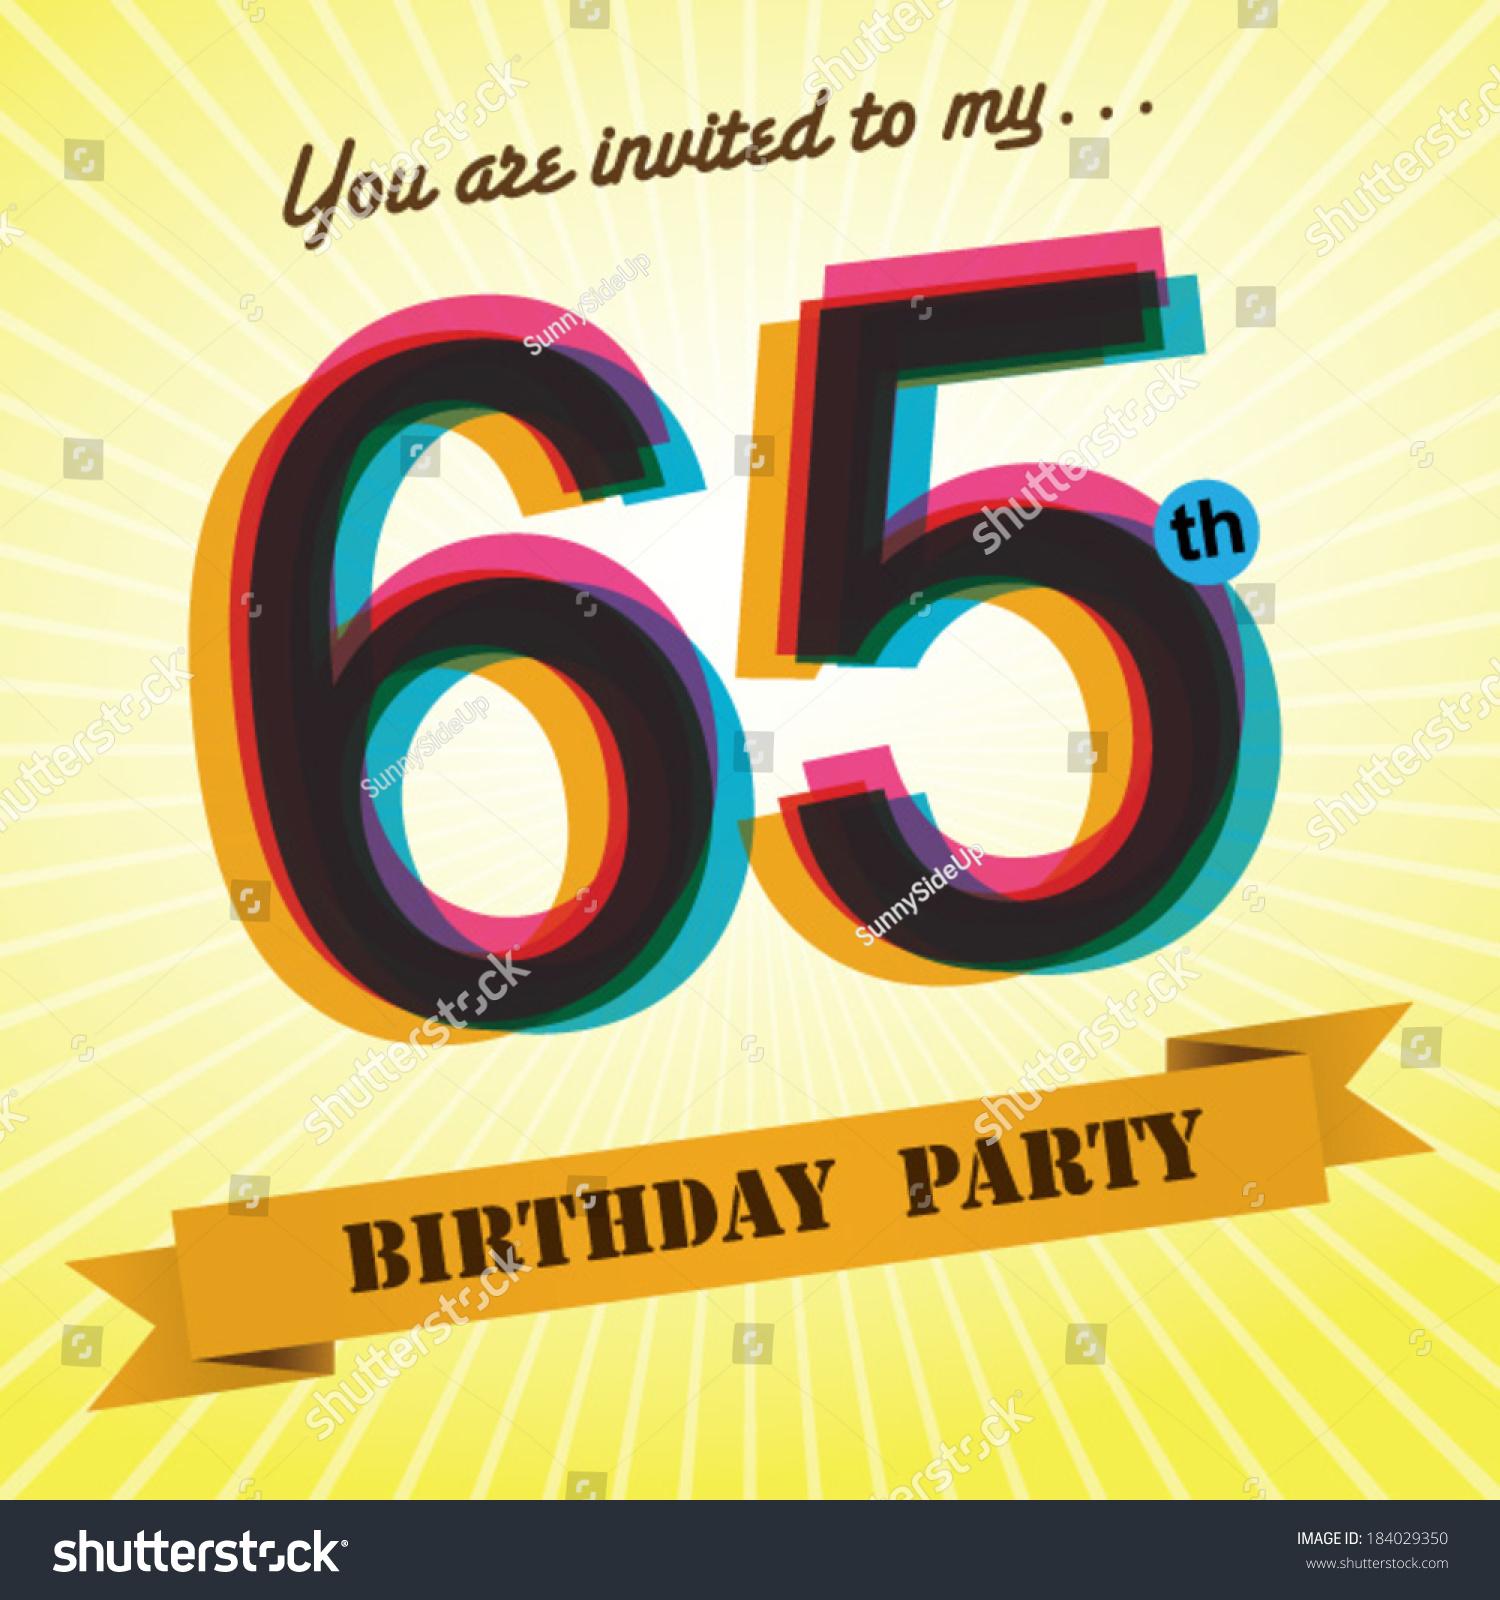 65th Birthday Party Invite Template Design In Retro Style